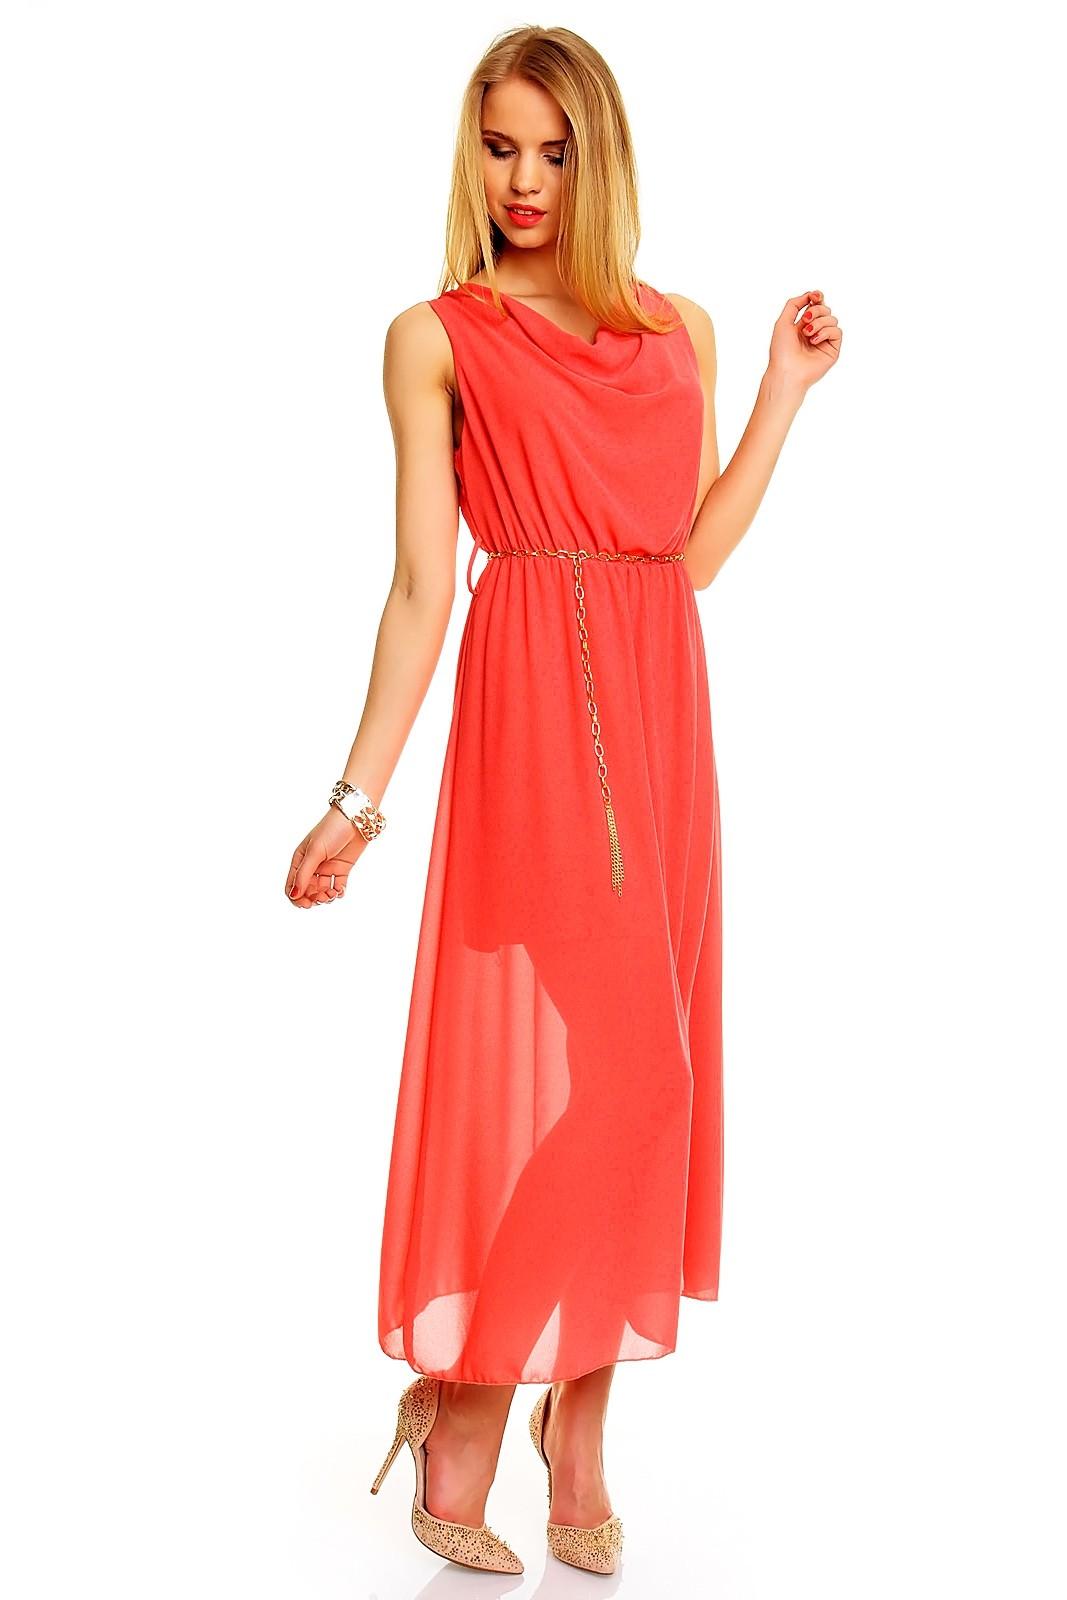 Платья 2018 фото: шифоновое платье коралловое длинное